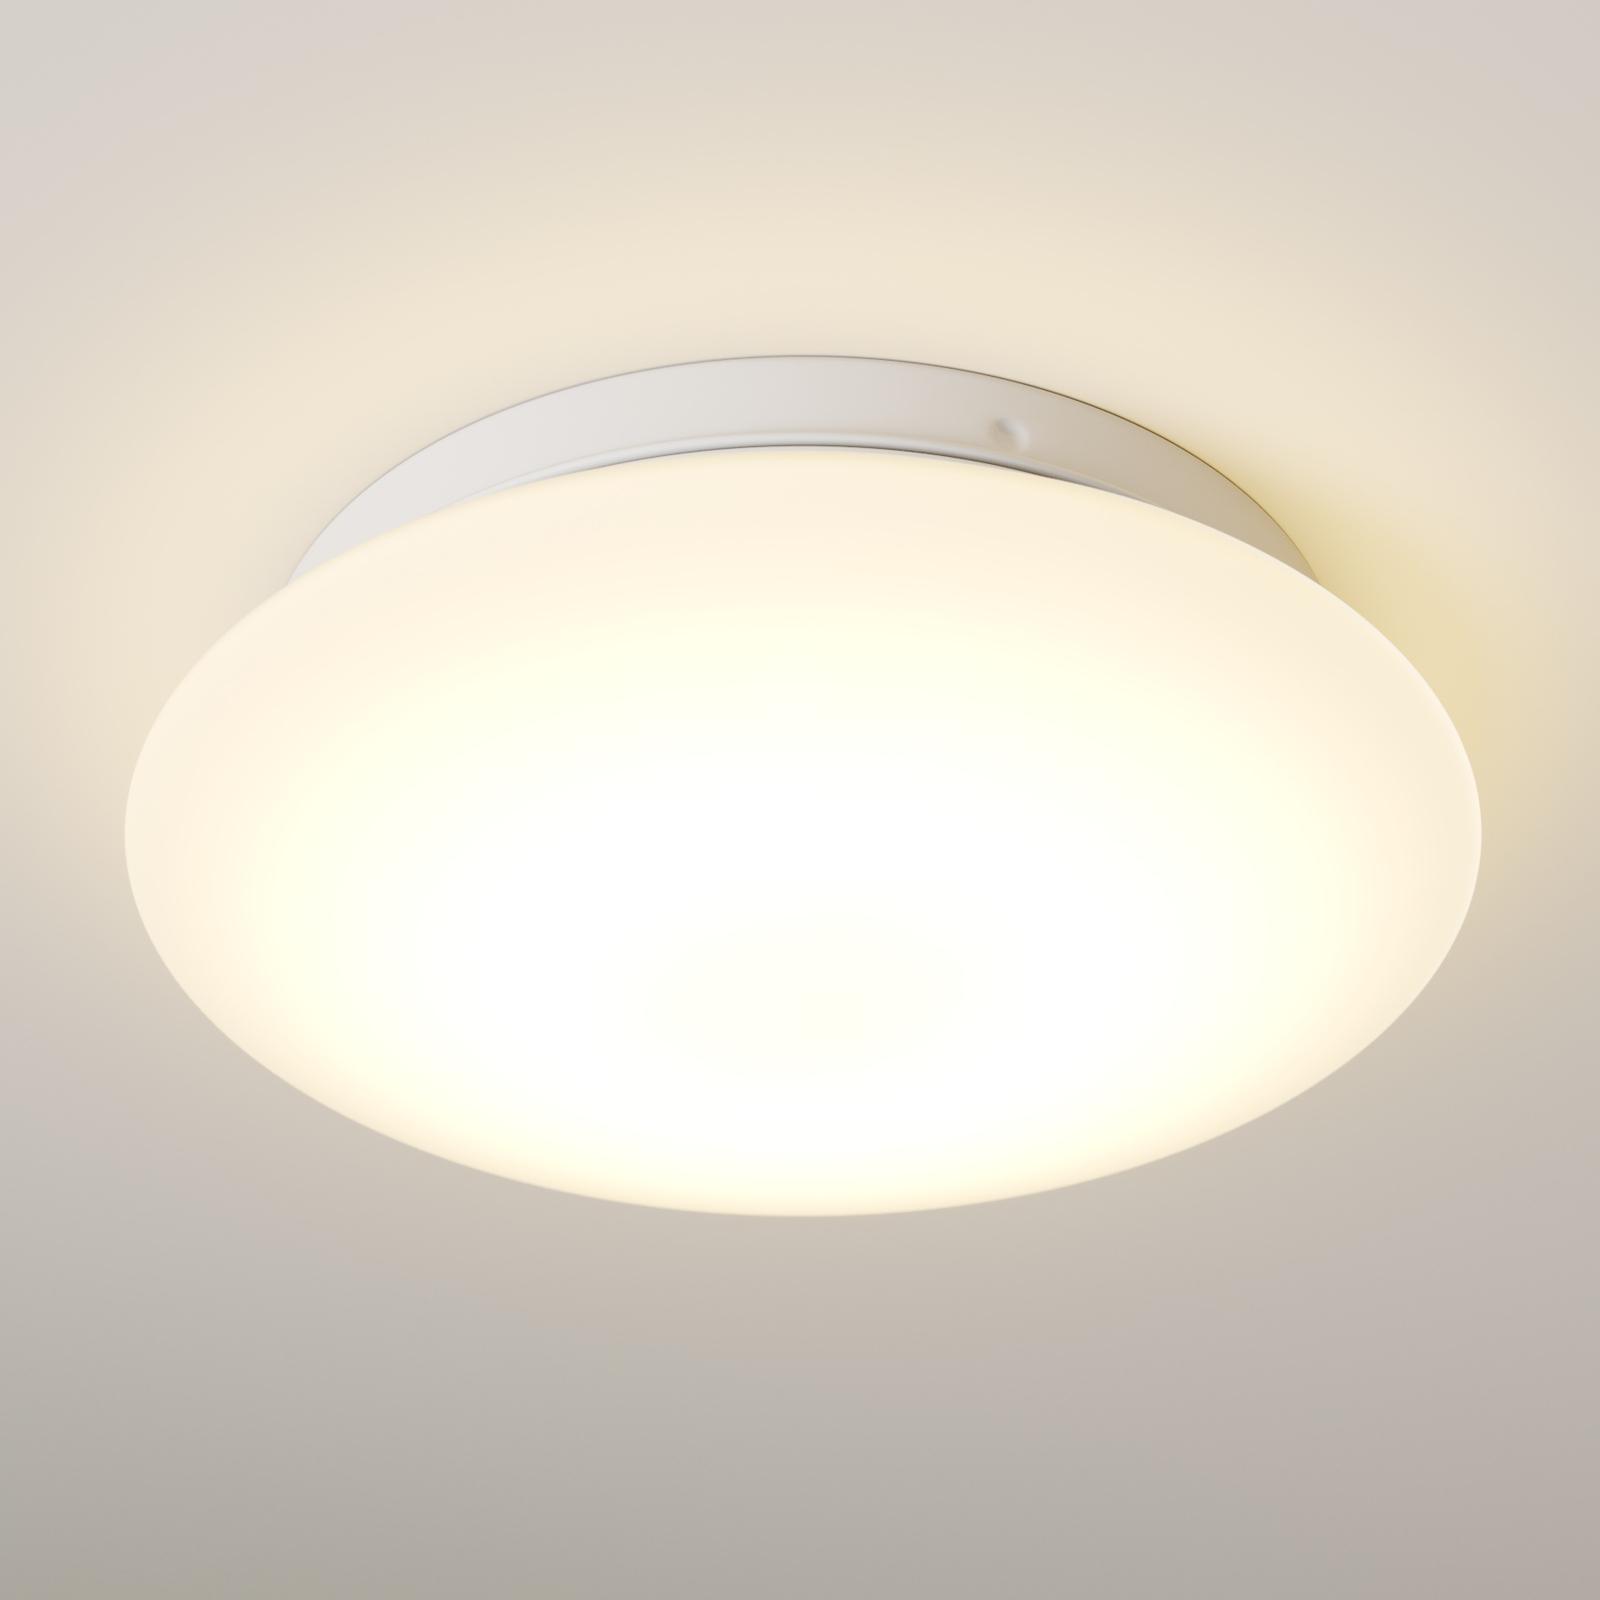 Arcchio Solomia plafonnier LED, capteur, 3000K